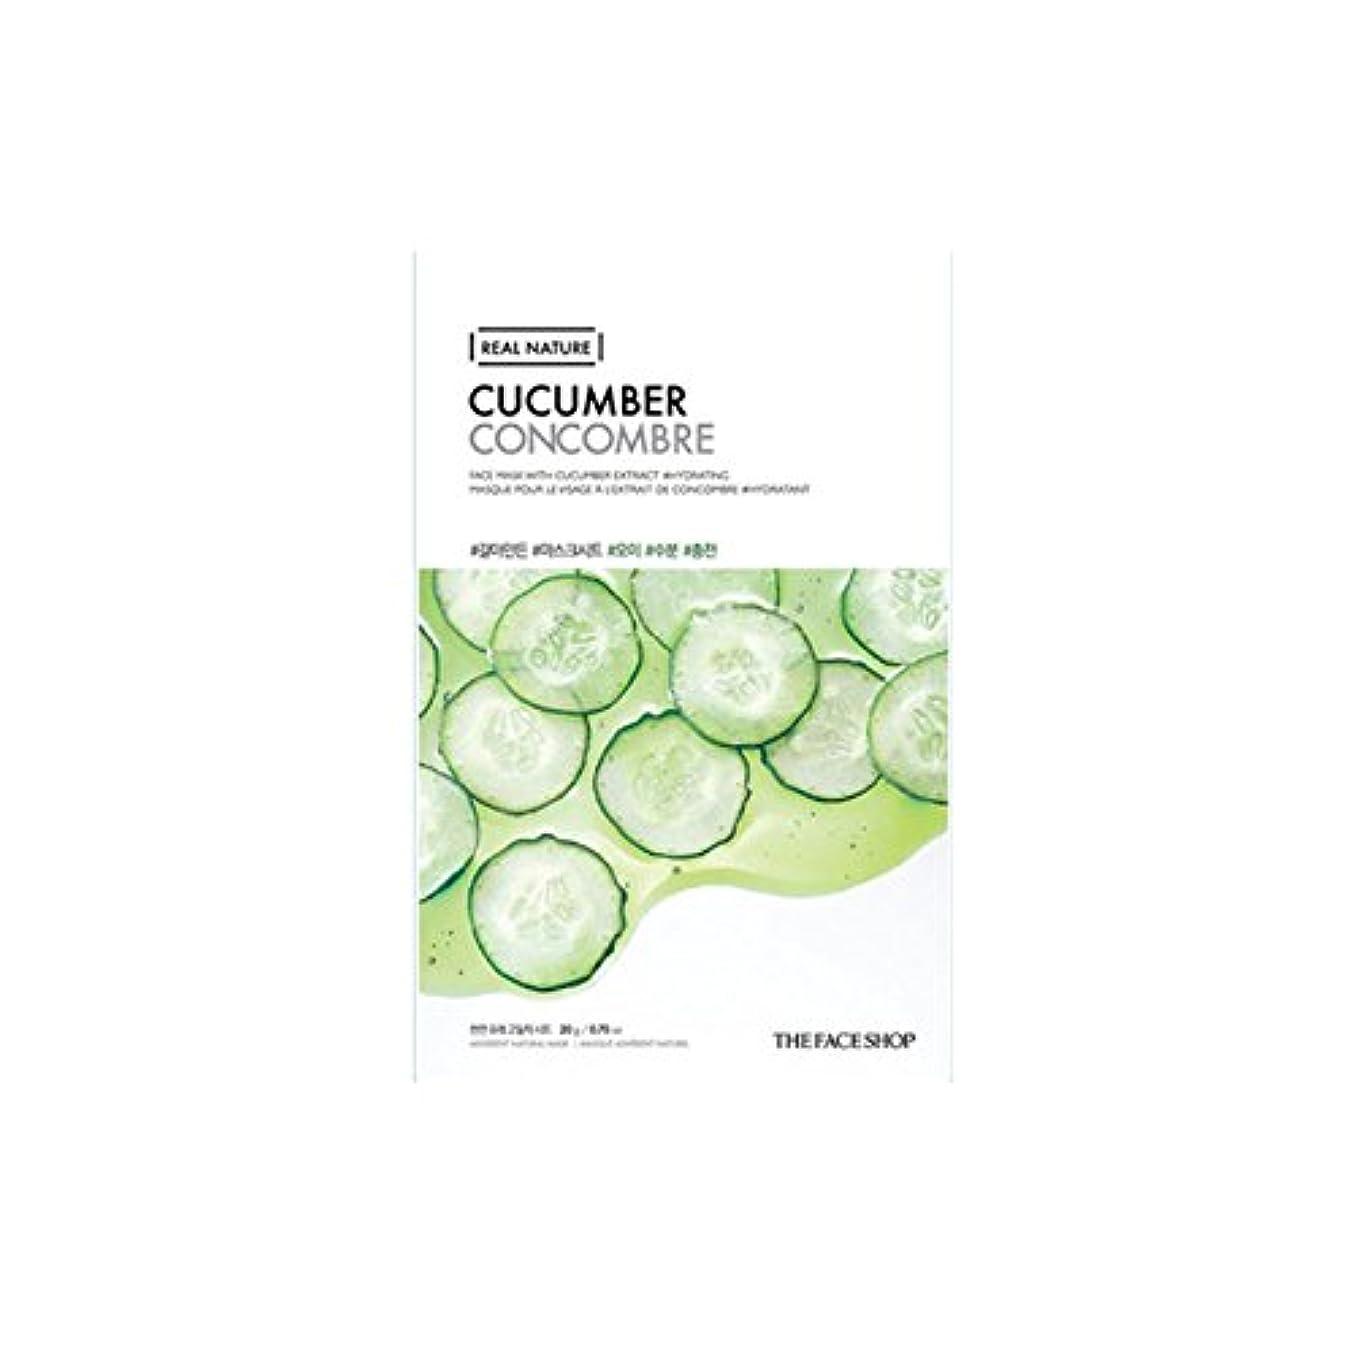 自信がある到着糸[The Face Shop] ザフェイスショップ リアルネイチャーマスクシート Real Nature Mask Sheet (Cucumber (キュウリ) 10個) [並行輸入品]